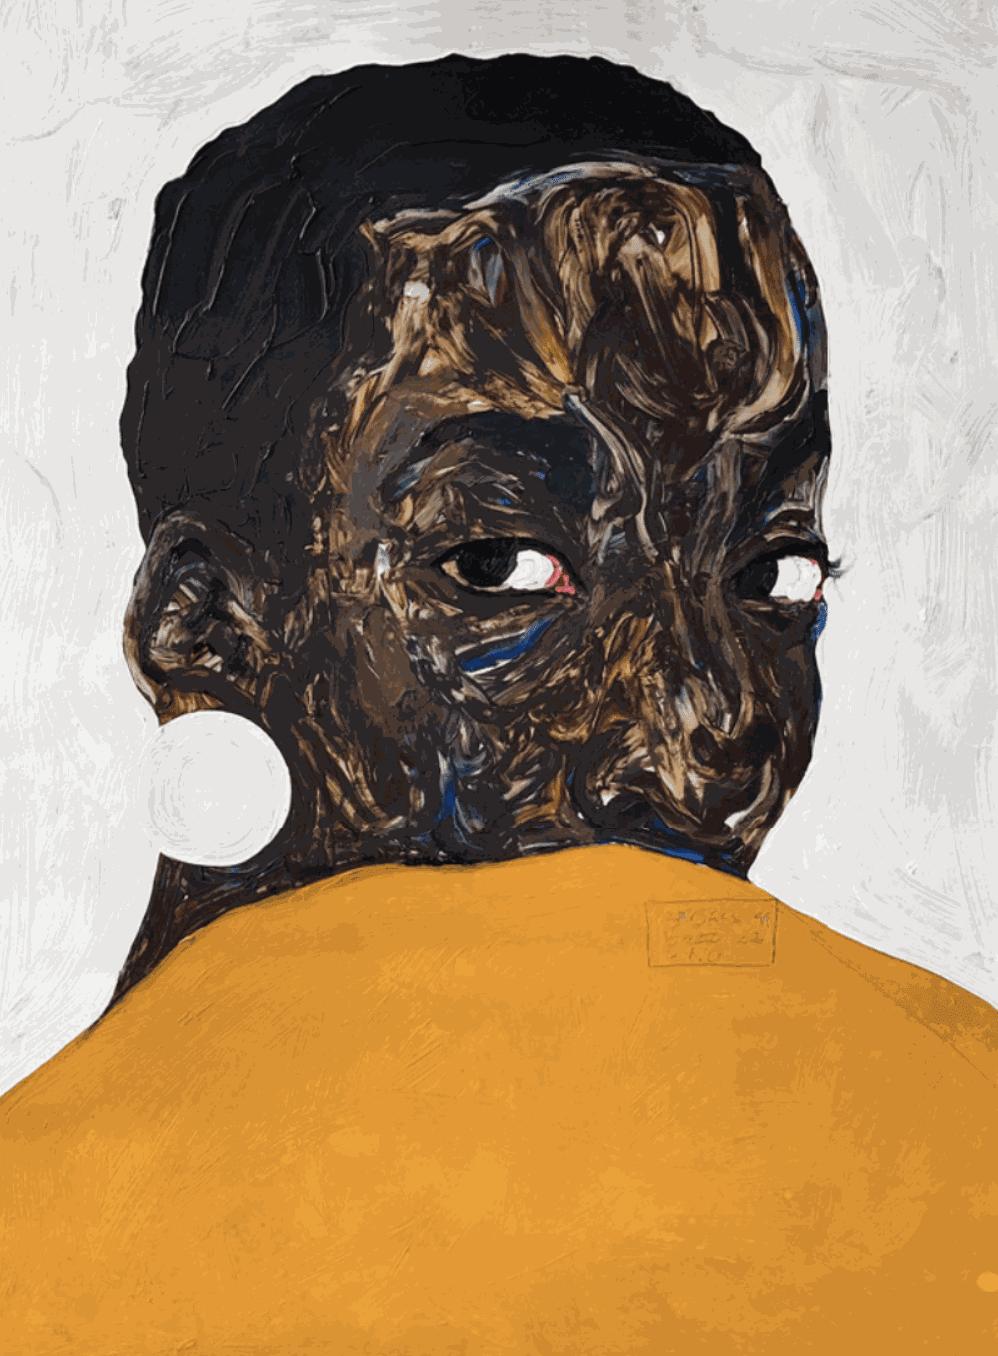 Amoako Boafo's Aurore Iradukunda, 2020